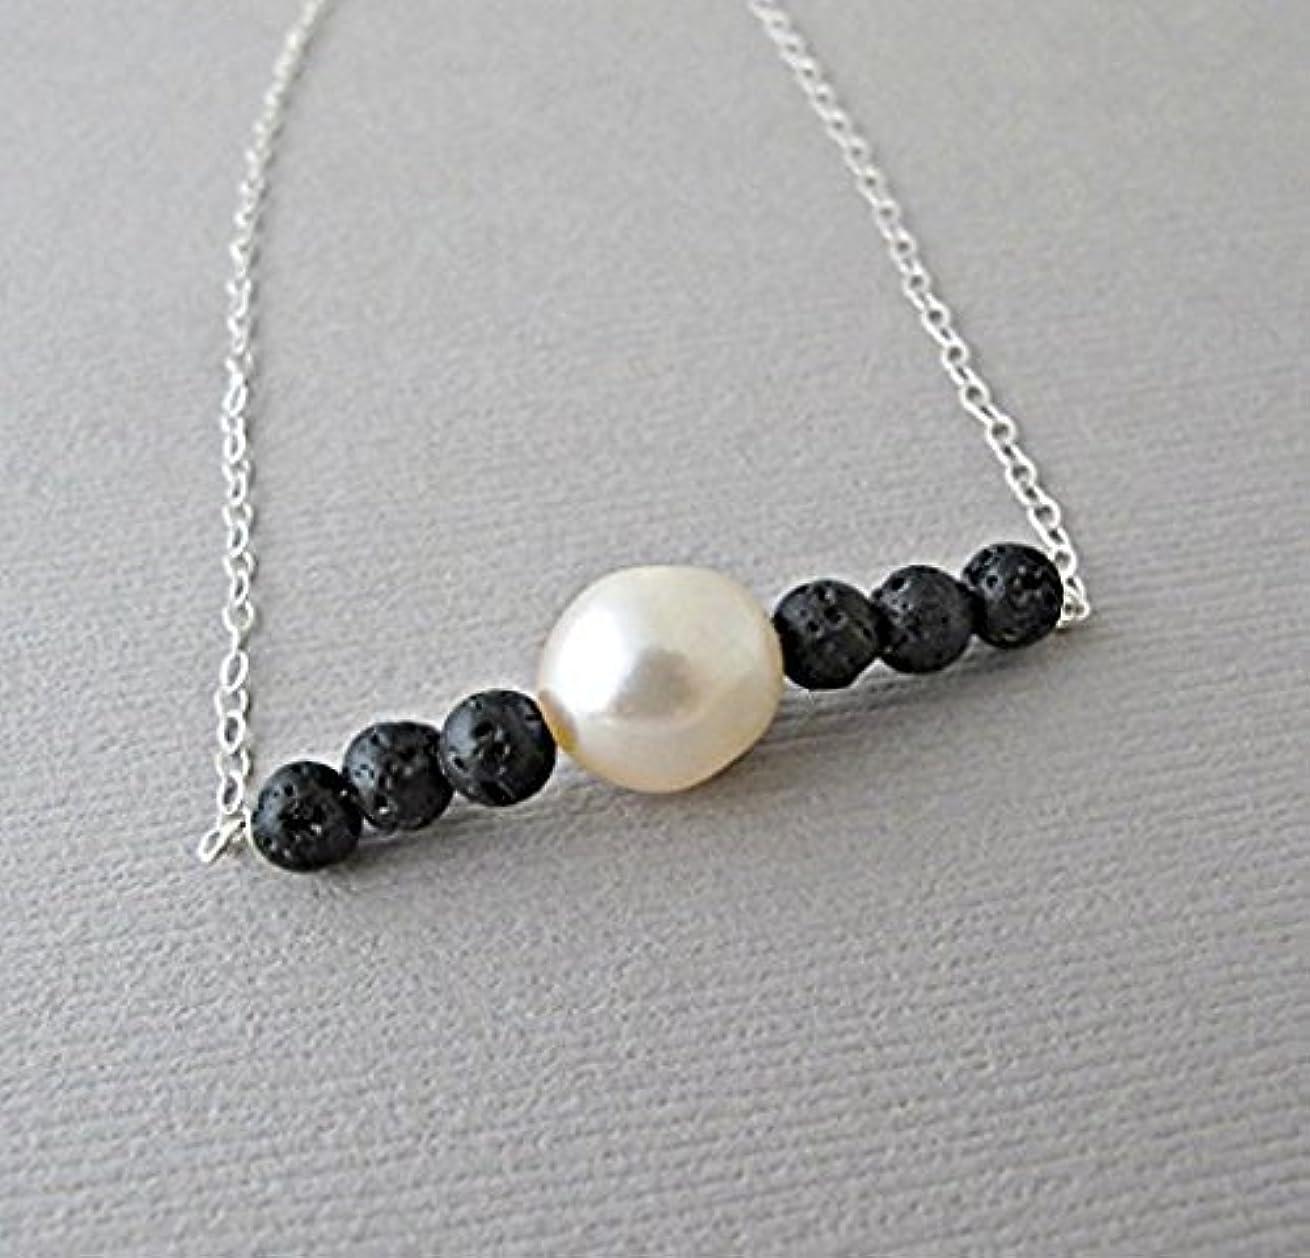 うそつき悪性腫瘍軽量18 inches Lava Pendant Essential Oil Necklace Diffuser Aromatherapy - Simple Minimalist Lava Bead Diffuser Necklace...